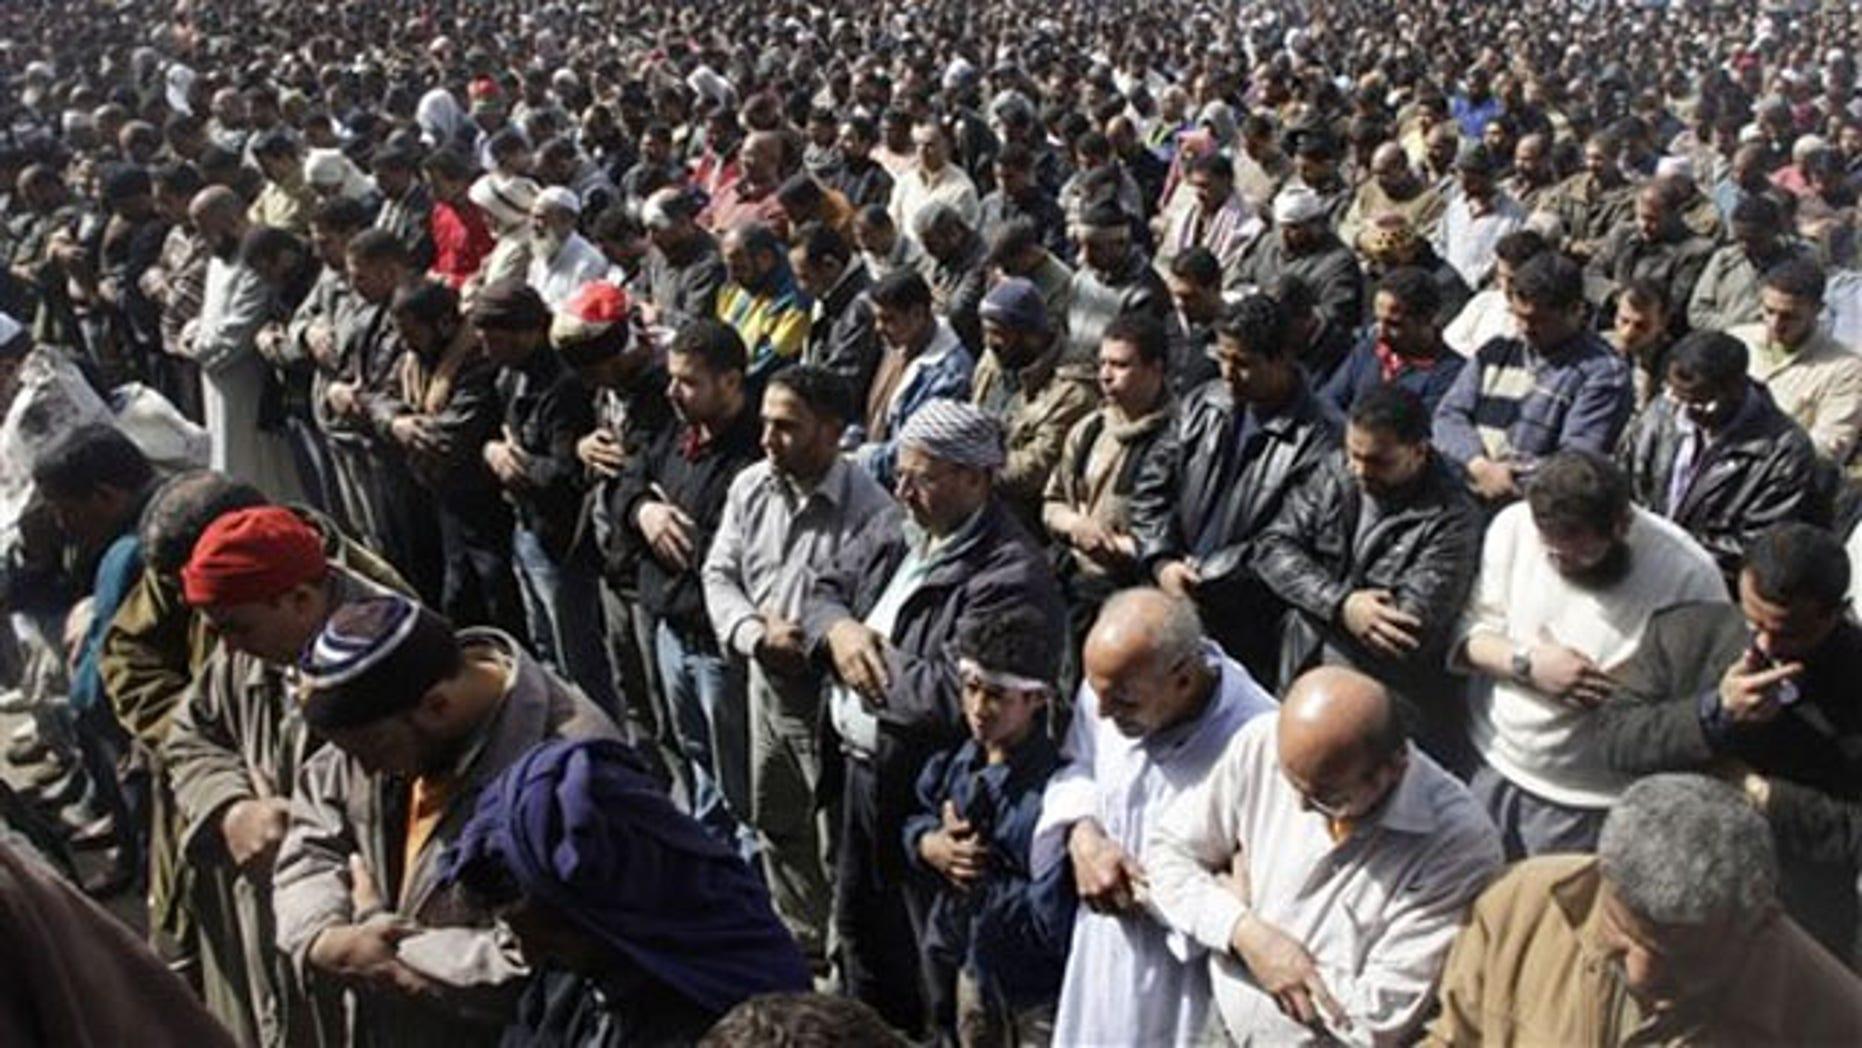 Anti-government protestors pray in Tahrir Square, in Cairo, Egypt, Feb. 4.